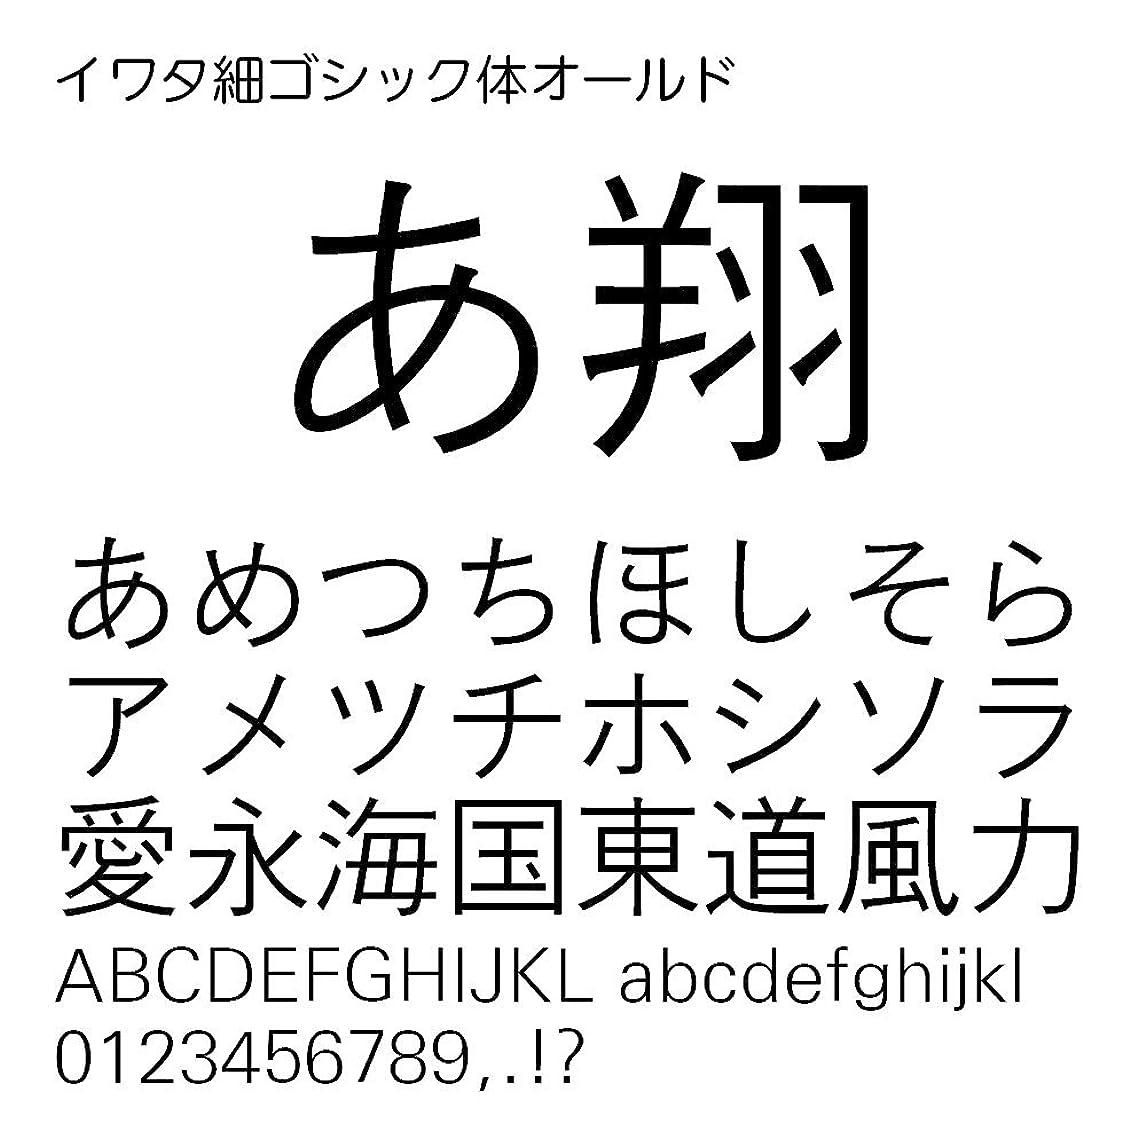 リファインスキニー精通したイワタ細ゴシック体オールド TrueType Font for Windows [ダウンロード]